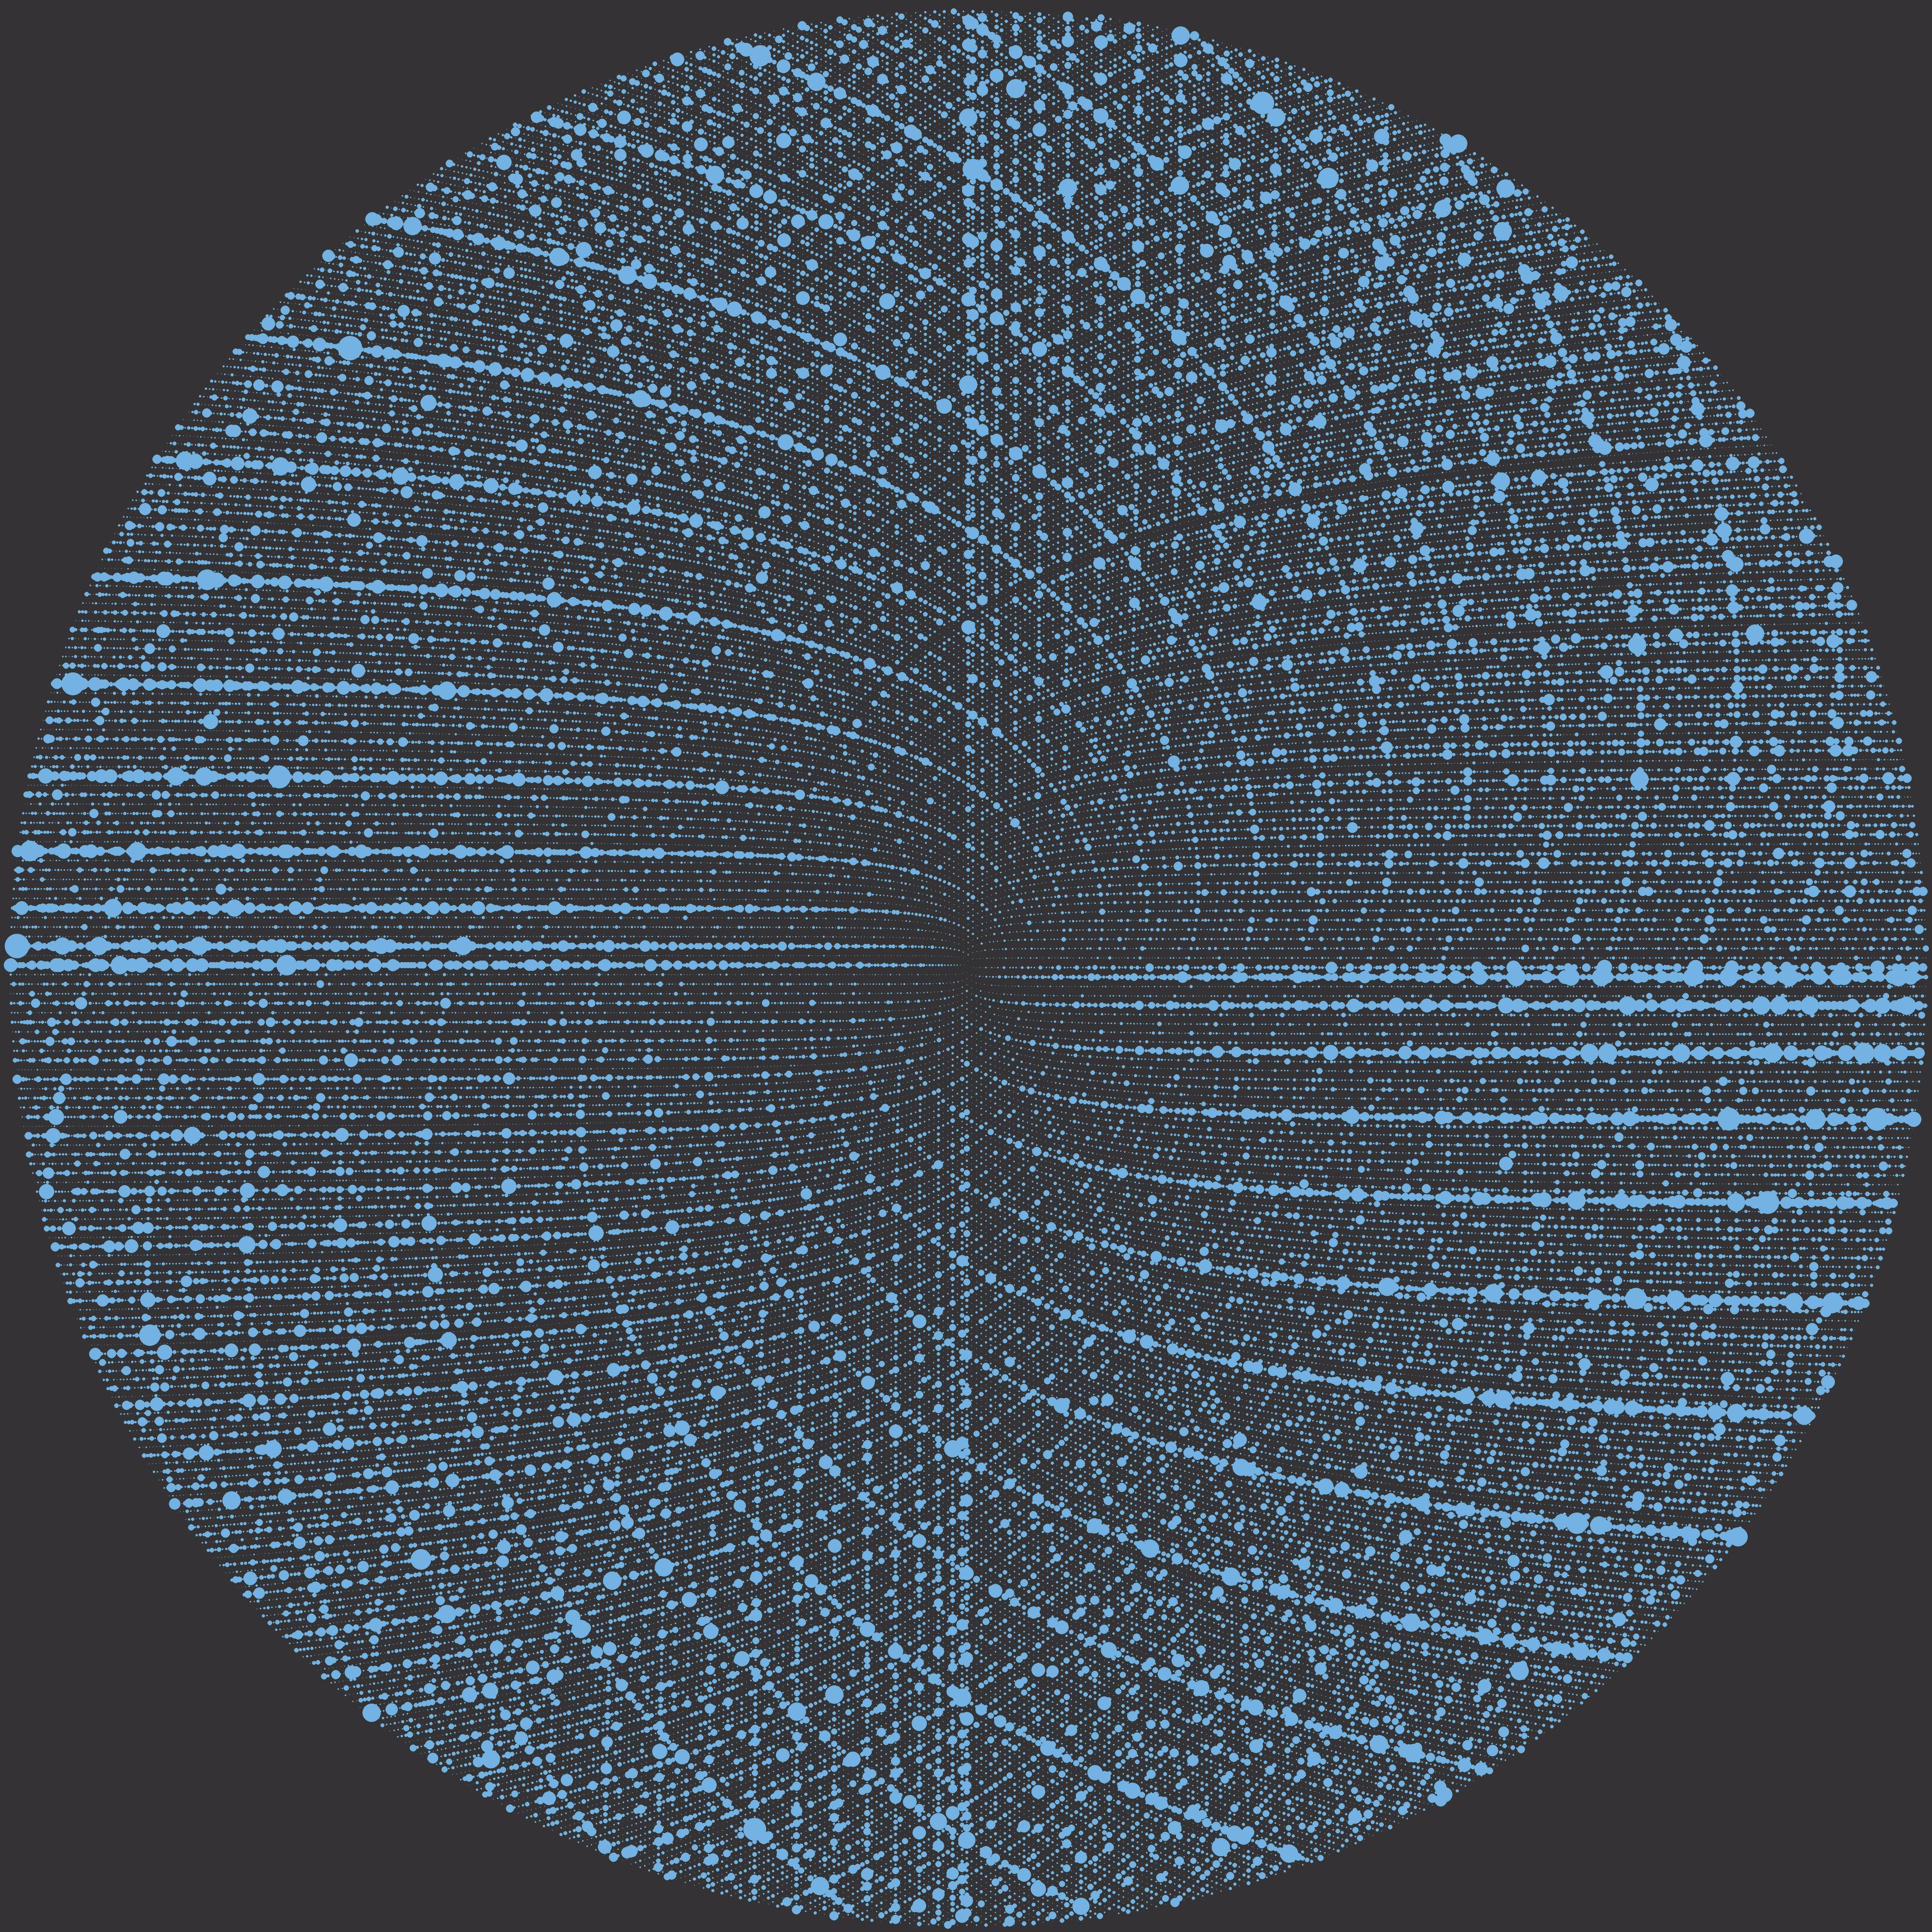 Sacks_Spiral_Divisors_100000